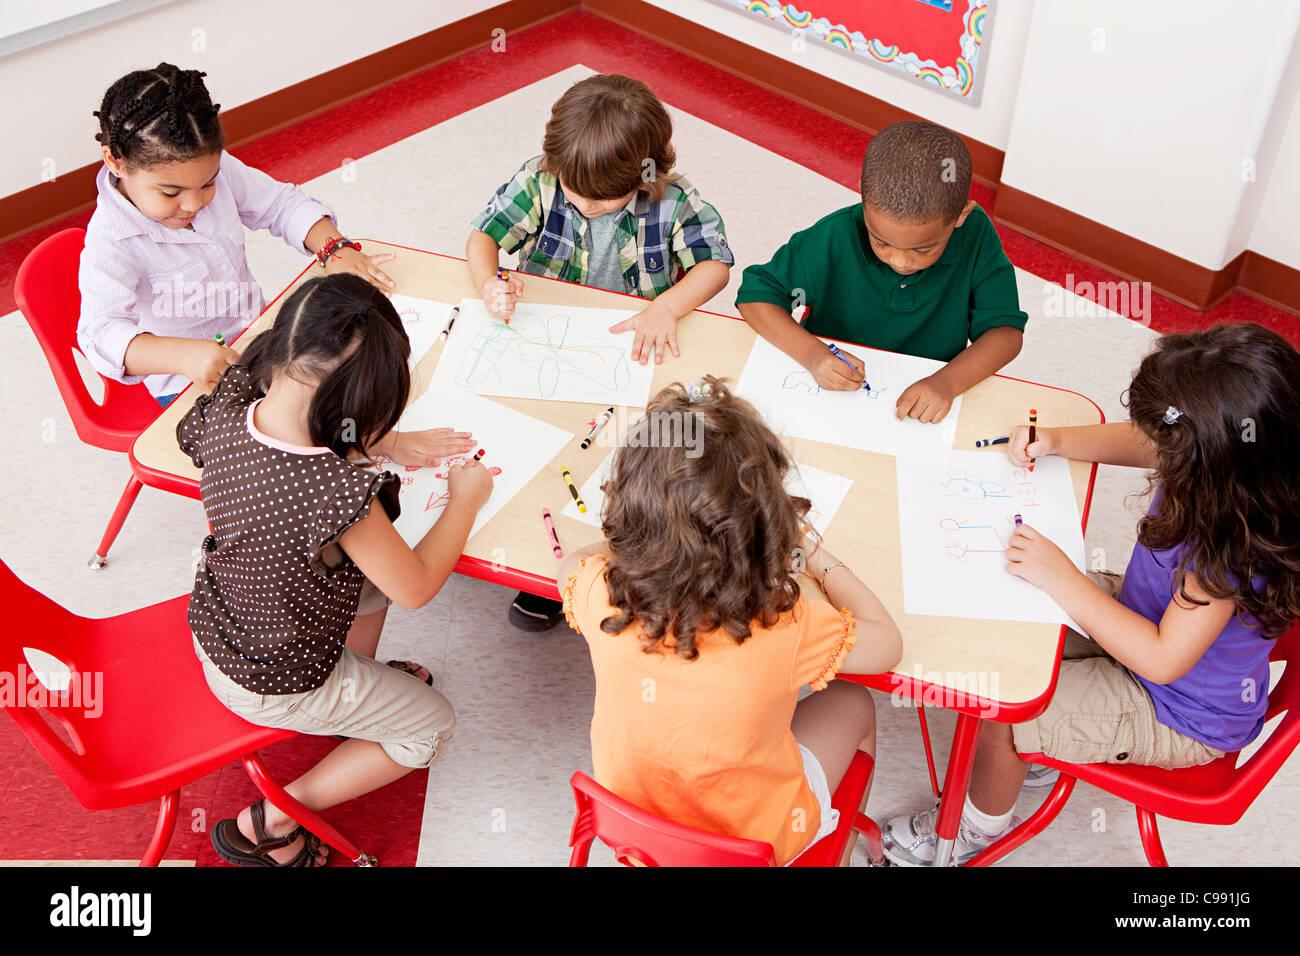 Los niños en la escuela de dibujo Imagen De Stock